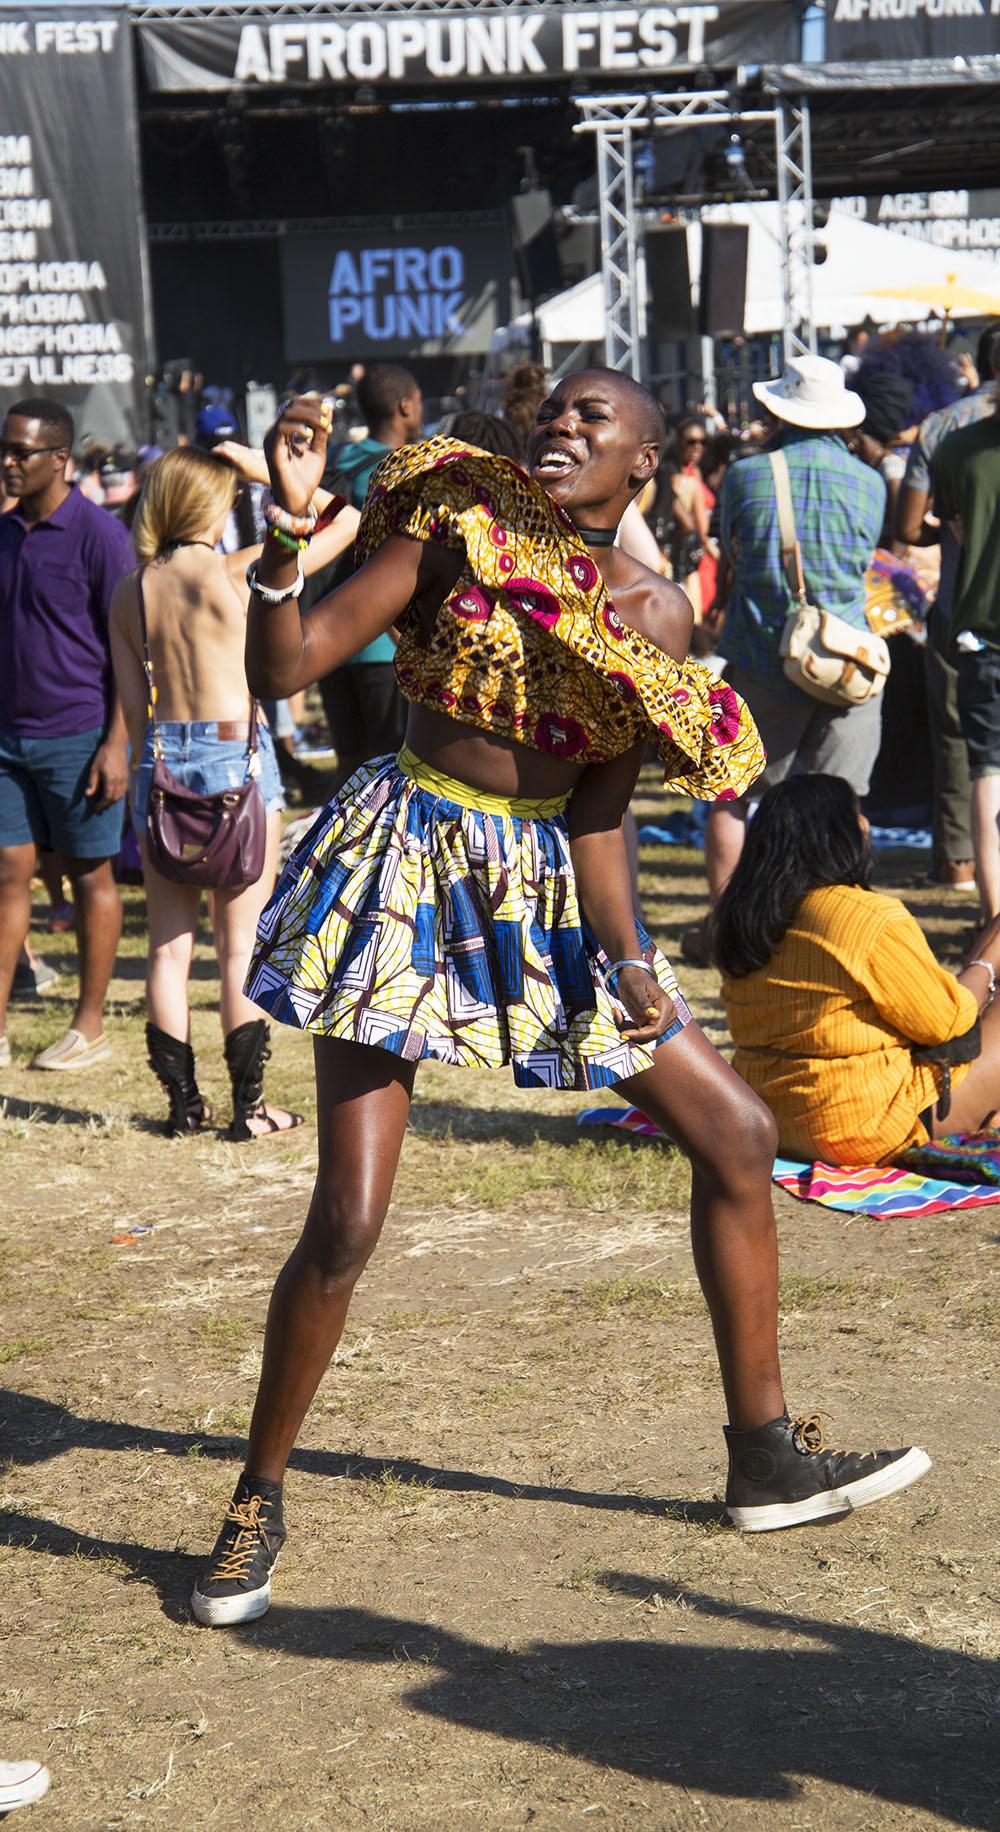 griot-mag-afropunk-festival-Afropunk | In arrivo i festival di Parigi, Londra, New York e un nuovo sito (c) johanne-affricot